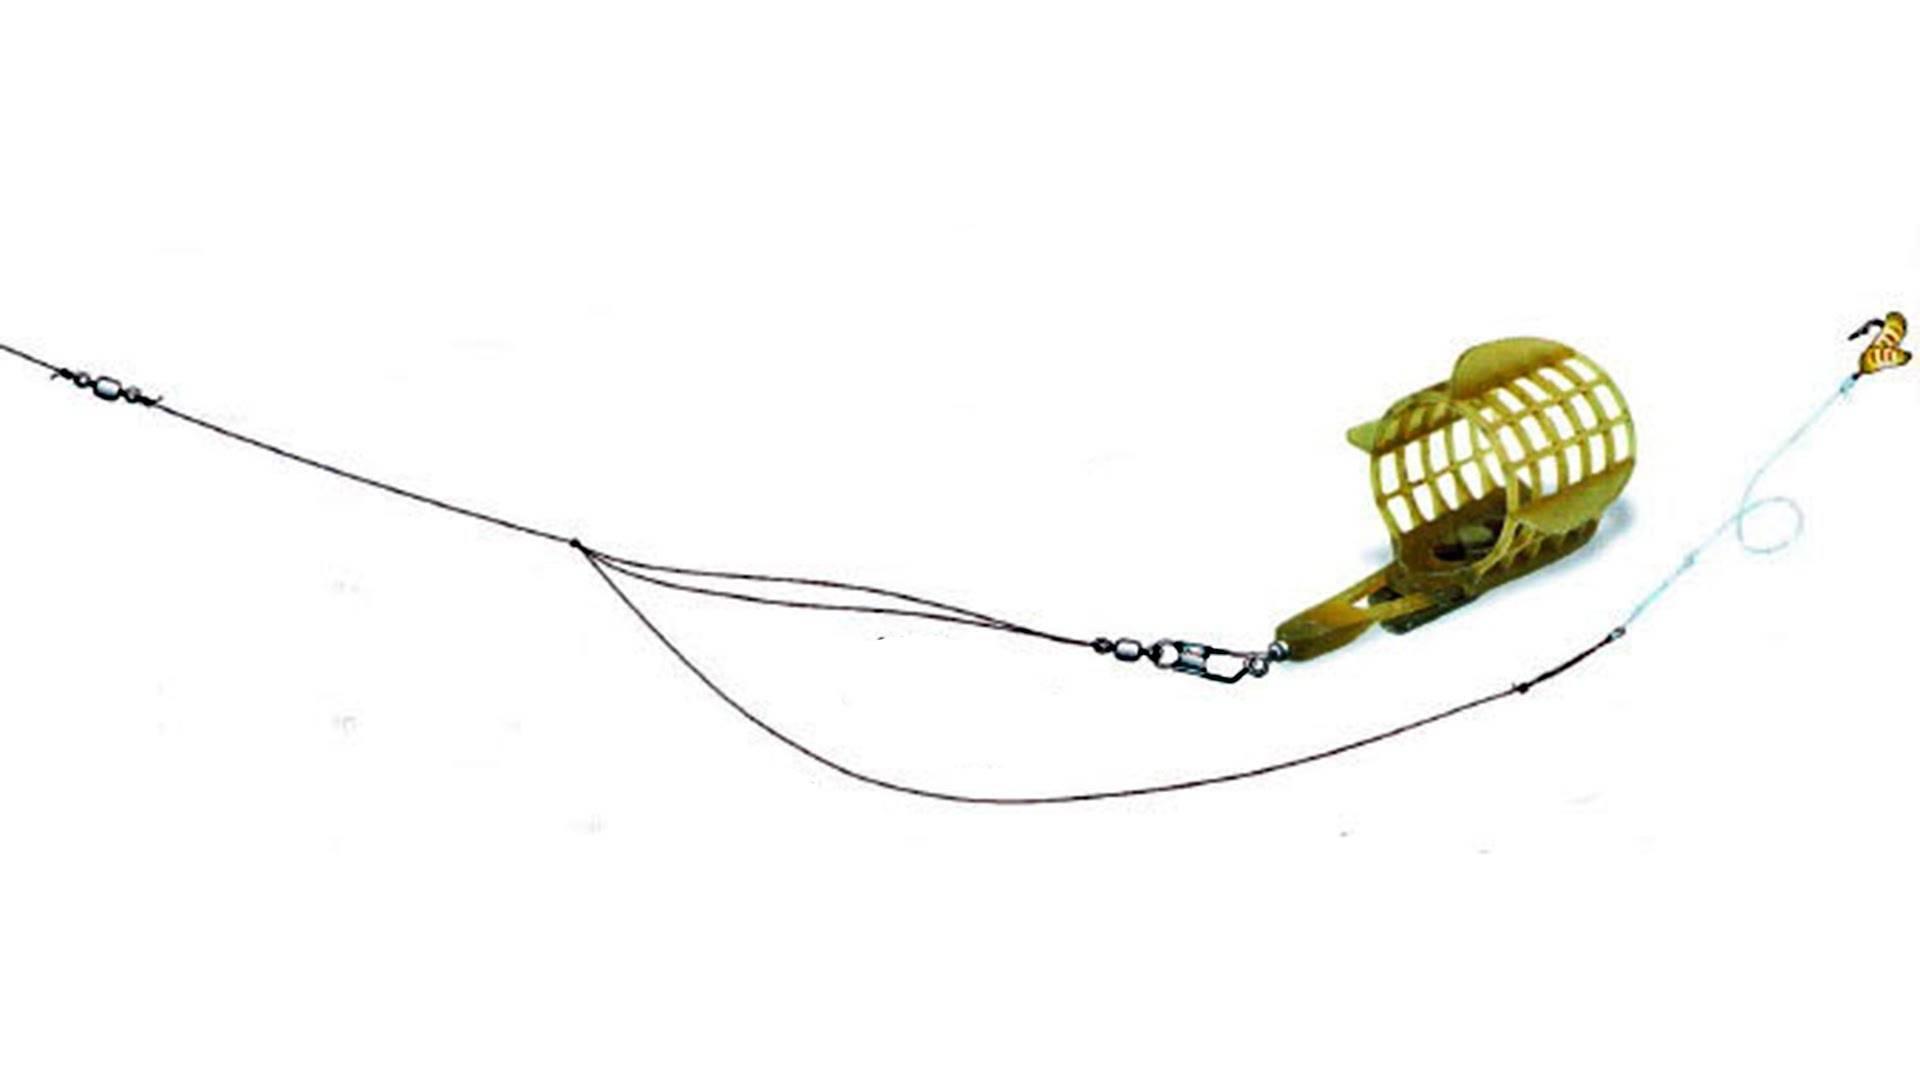 Способы монтирования фидерной оснастки и особенности выбора снастей